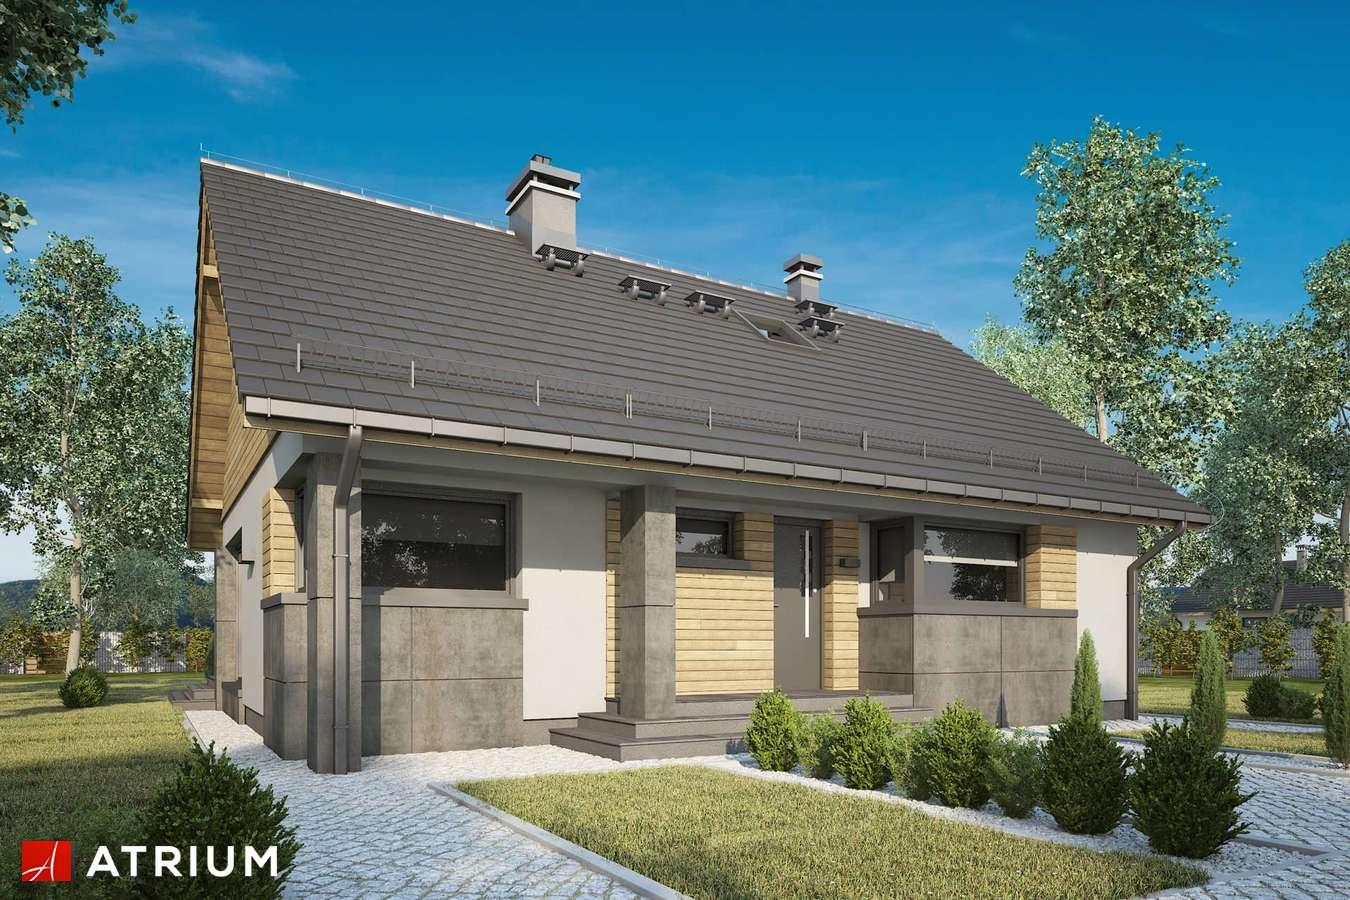 Projekty domów - Projekt domu z poddaszem RICARDO LIFT IV - wizualizacja 2 - wersja lustrzana